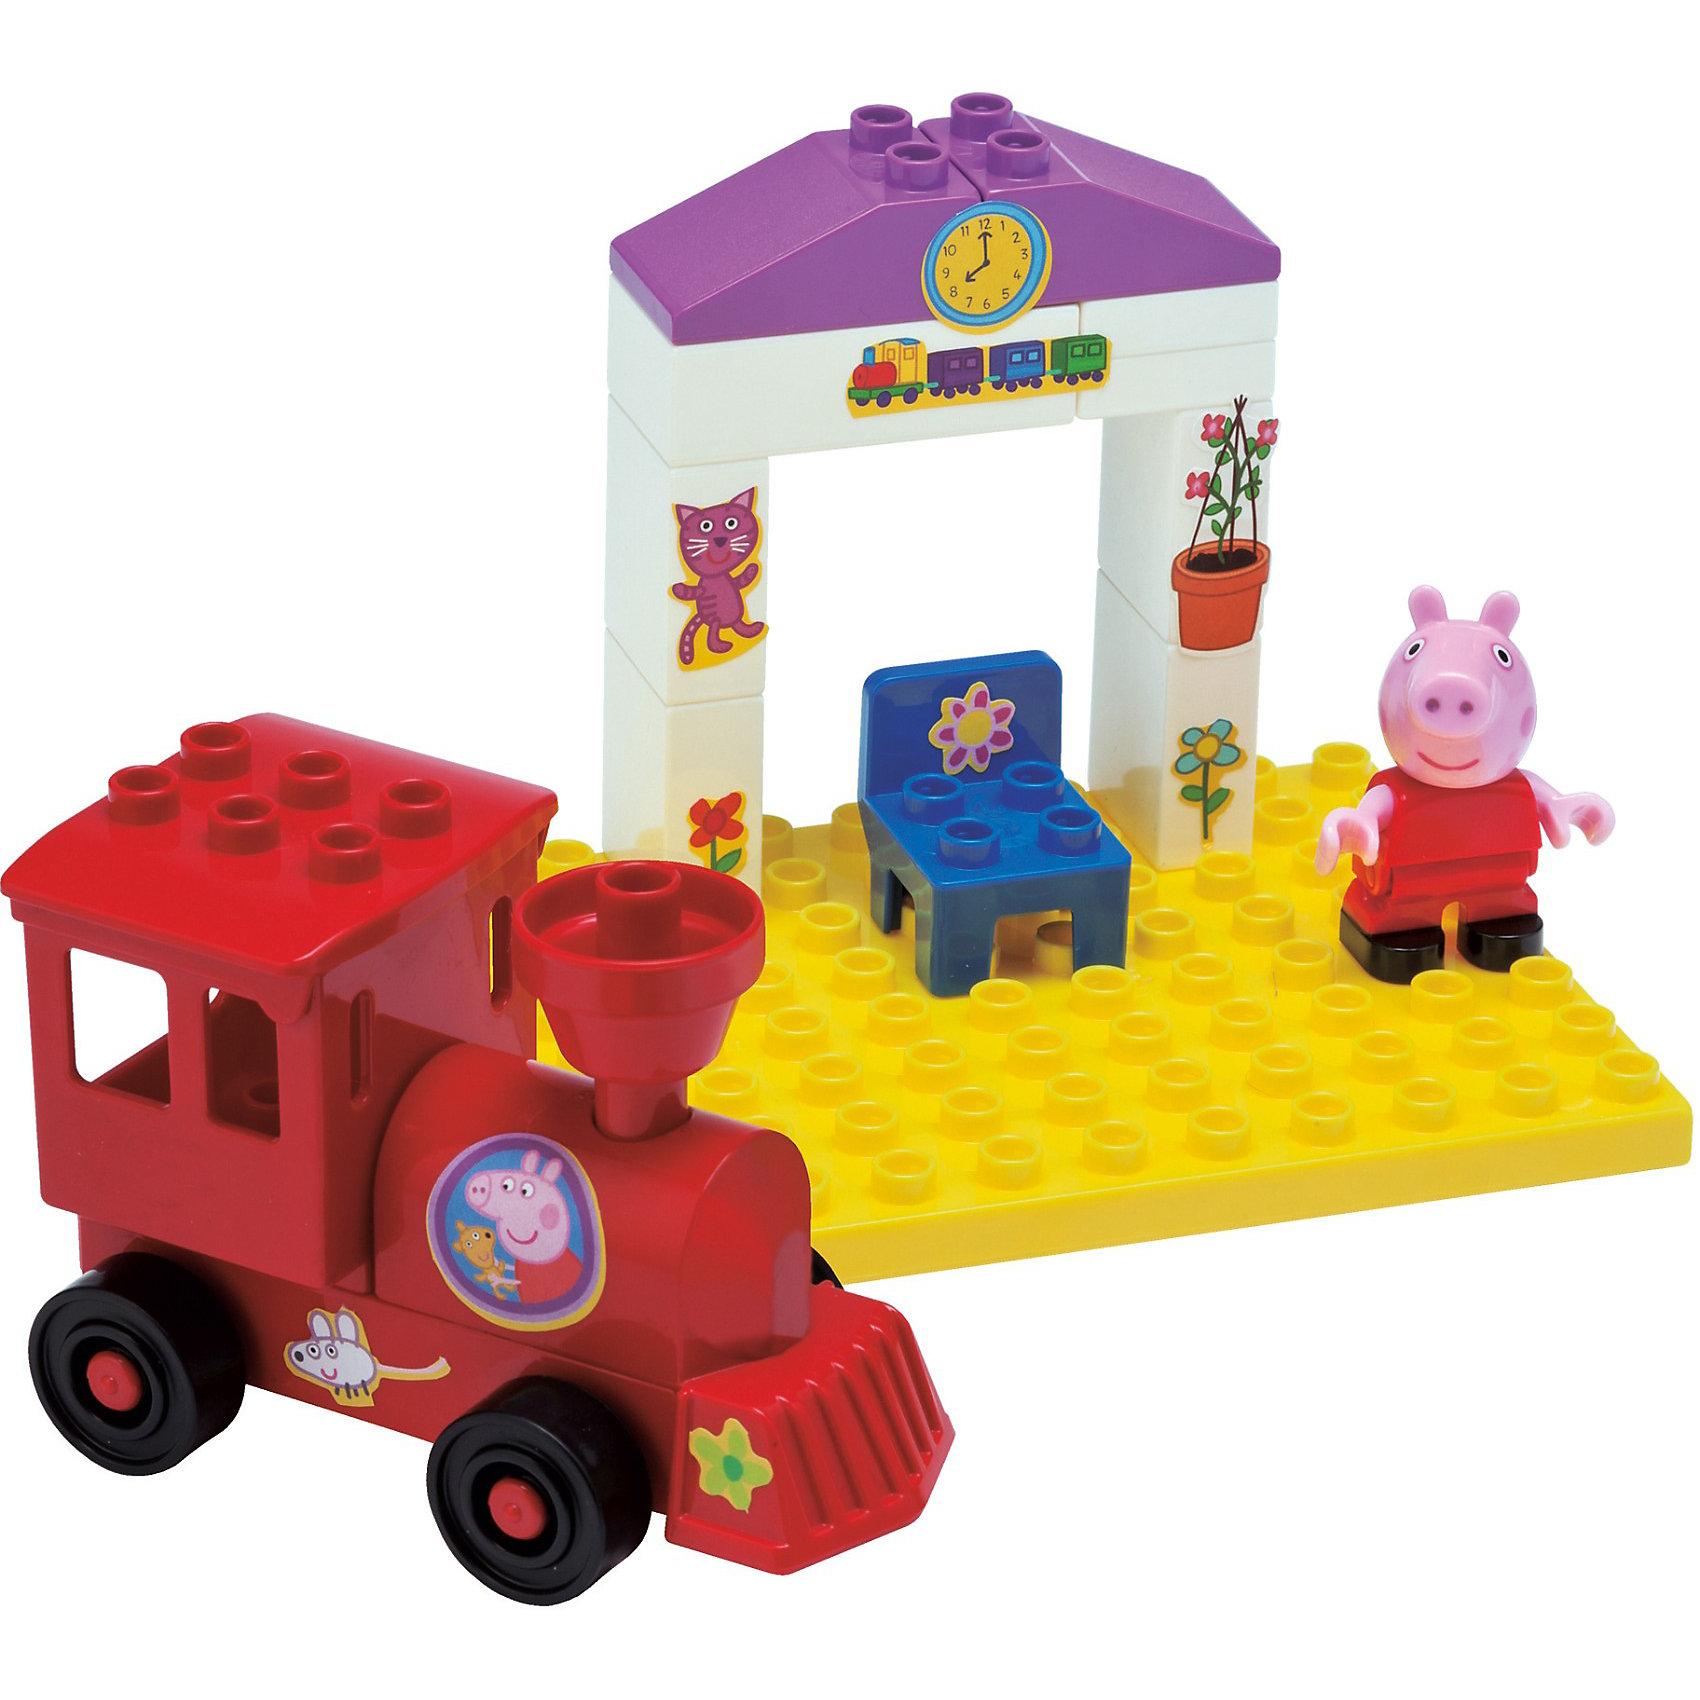 Конструктор Поезд с остановкой, Свинка Пеппа, 15 деталейИгрушки<br>Конструктор Поезд с остановкой, Свинка Пеппа обязательно понравится всем любителям маленькой свинки. Набор включает в себя паровозик дяди Свина, остановку, фигурку свинки Пеппы. Детали конструктора имеют размер, идеально подходящий для маленьких детских ручек. Изготовлены из высококачественного пластика, не имеют острых углов, безопасны для ребенка. Благодаря хорошо проработанным креплениям, конструктор легко собирается и разбирается, детали быстро и прочно крепятся друг к другу. Игра с конструктором развивает  творческие способности, мелкую моторику, навыки конструирования, внимание.<br><br>Дополнительная информация:<br><br>- Комплектация: паровозик, фигурка свинки, стул, остановка, панель, на которую крепятся детали.<br>- Количество деталей: 15 шт.<br>- Материал: пластик<br>- Размер коробки: 19 x 11 x 9.4 см.<br>- Детали совместимы с Lego Duplo<br><br>Конструктор Поезд с остановкой, Свинка Пеппа (Peppa Pig) можно купить в нашем магазине.<br><br>Ширина мм: 194<br>Глубина мм: 121<br>Высота мм: 96<br>Вес г: 272<br>Возраст от месяцев: 18<br>Возраст до месяцев: 36<br>Пол: Унисекс<br>Возраст: Детский<br>SKU: 3787586